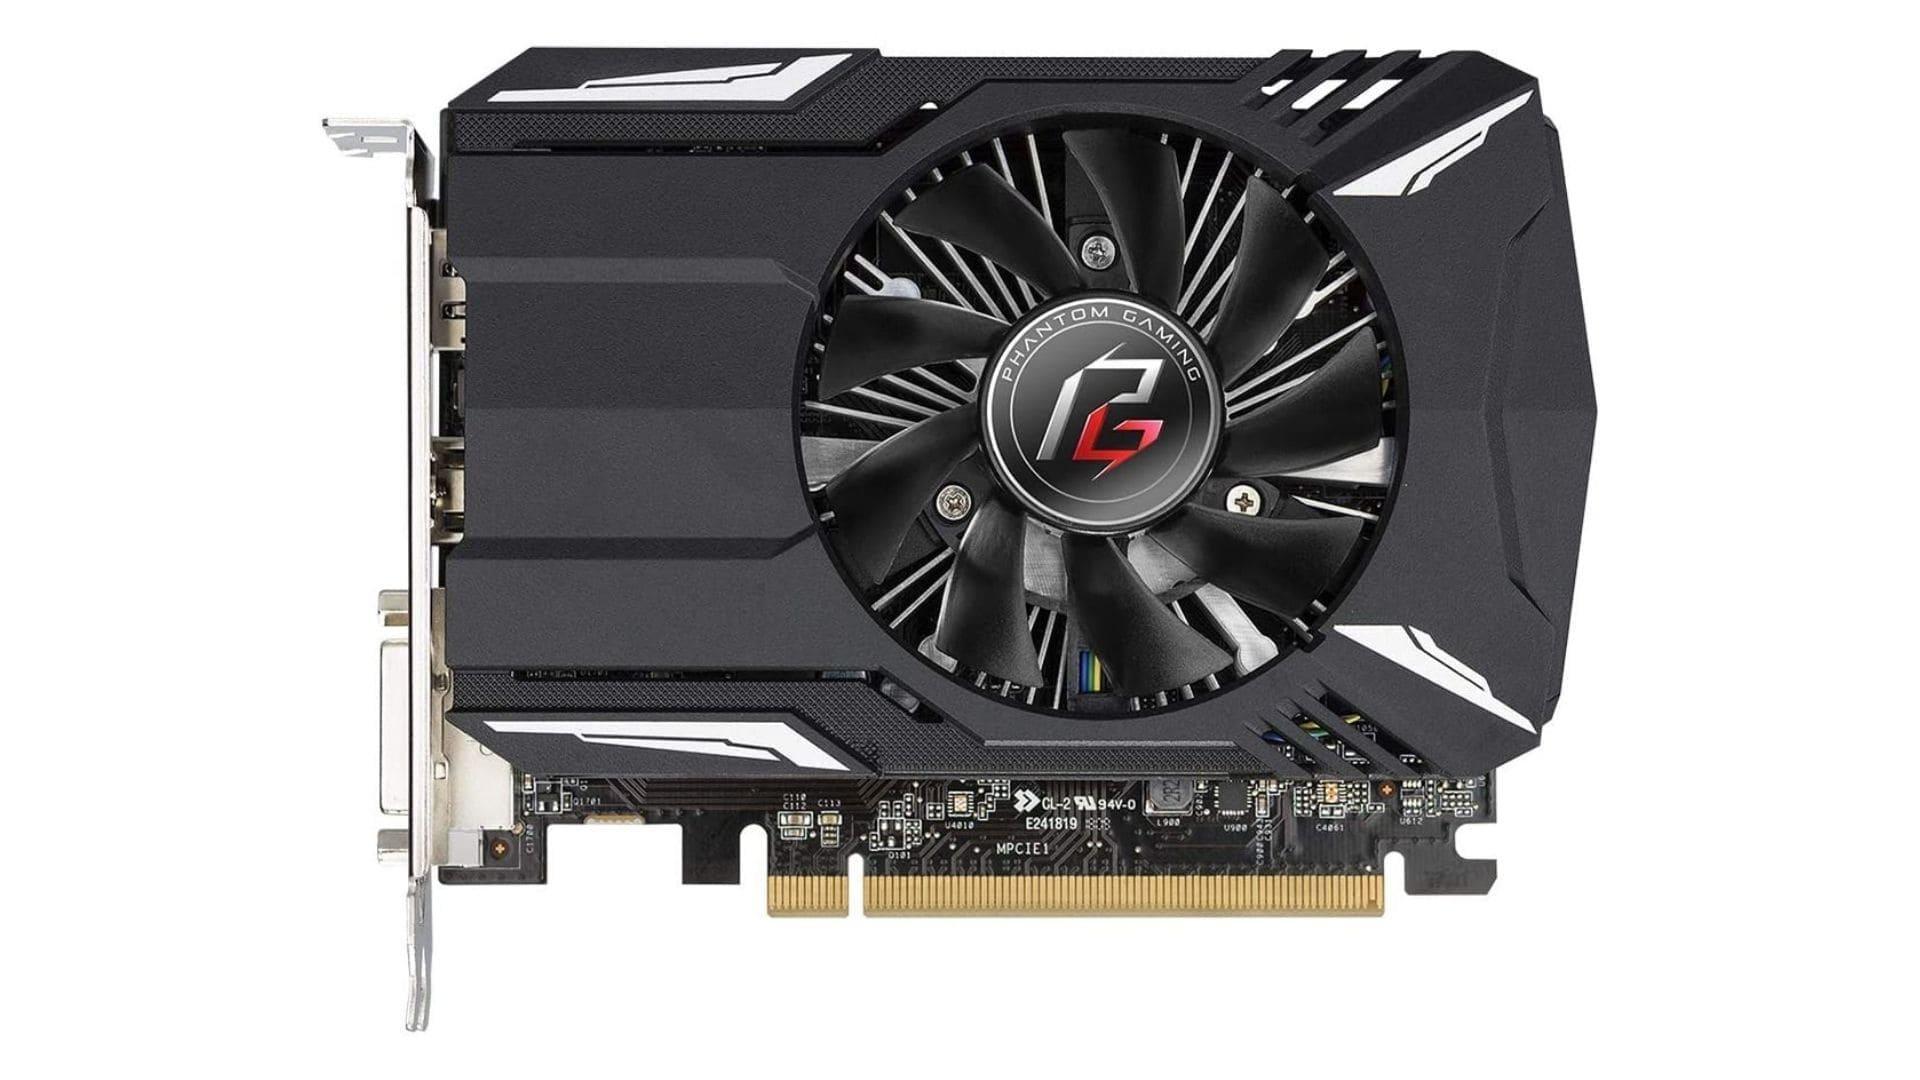 Placa de vídeo 2GB Radeon RX 550 preta no fundo branco